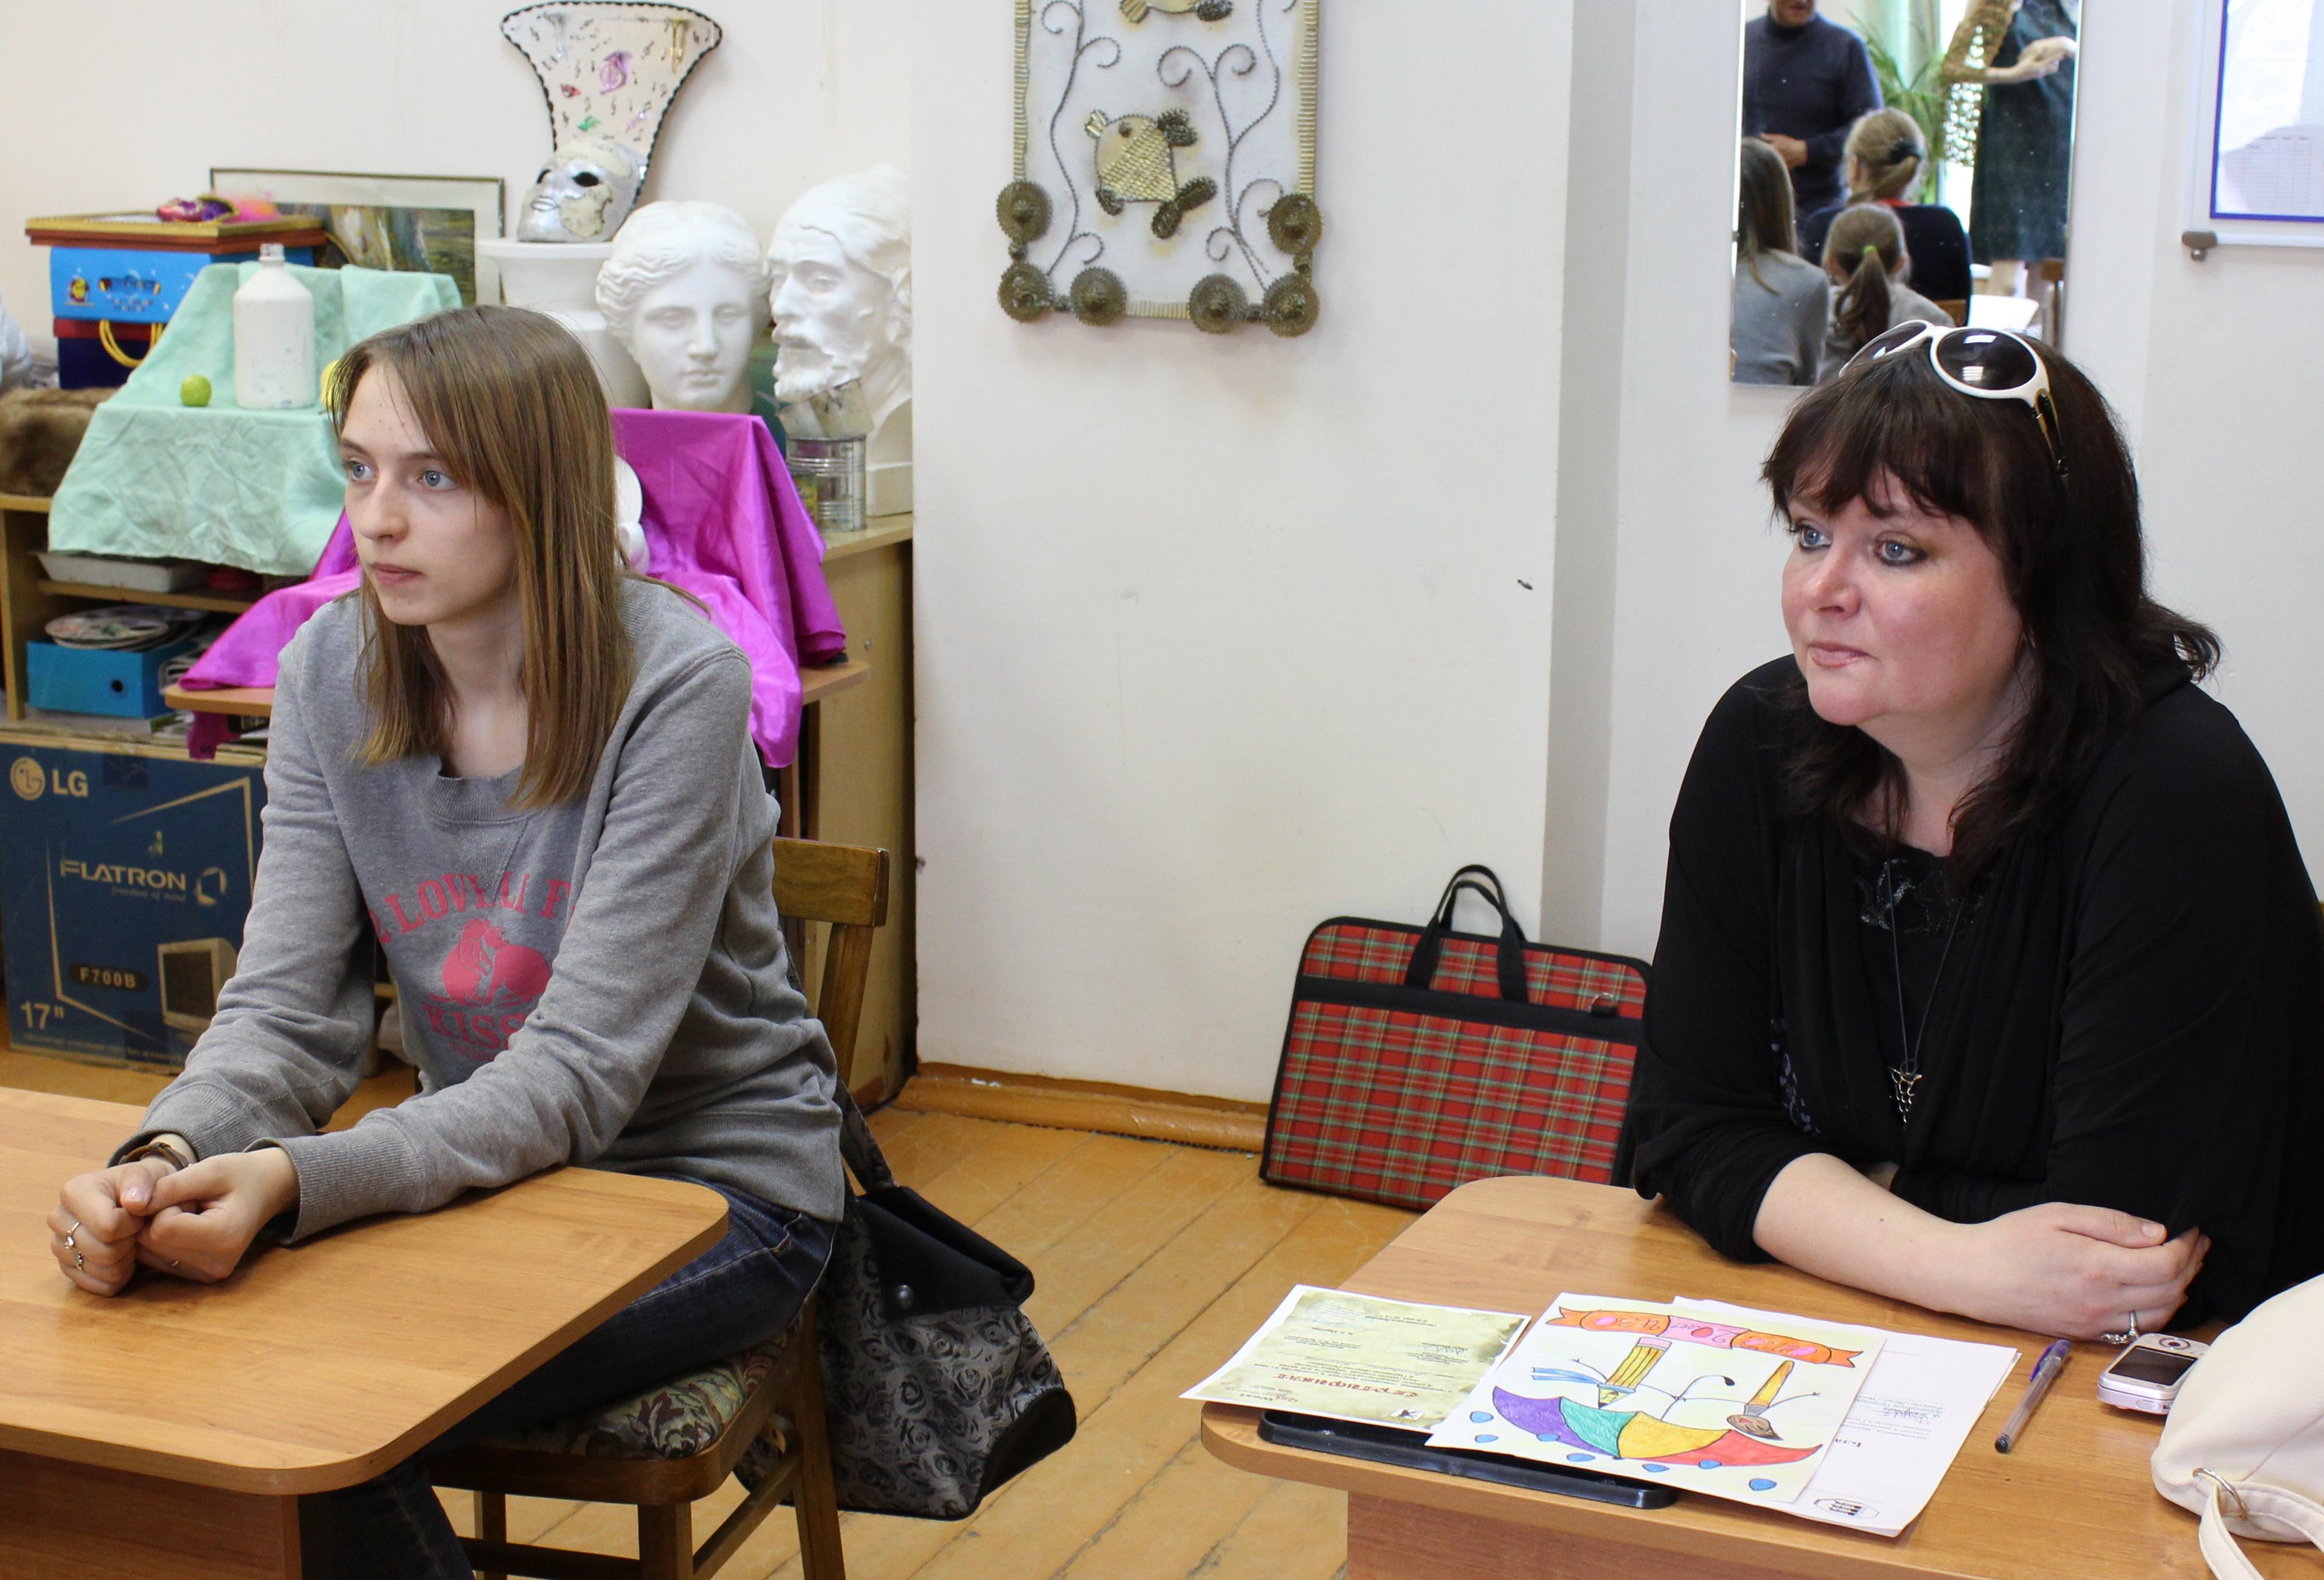 Творческая встреча В. Кобоева с учащимися Петроз. детской школы искусств. 28 мая 2014 г. Фото М. Июдиной (12)